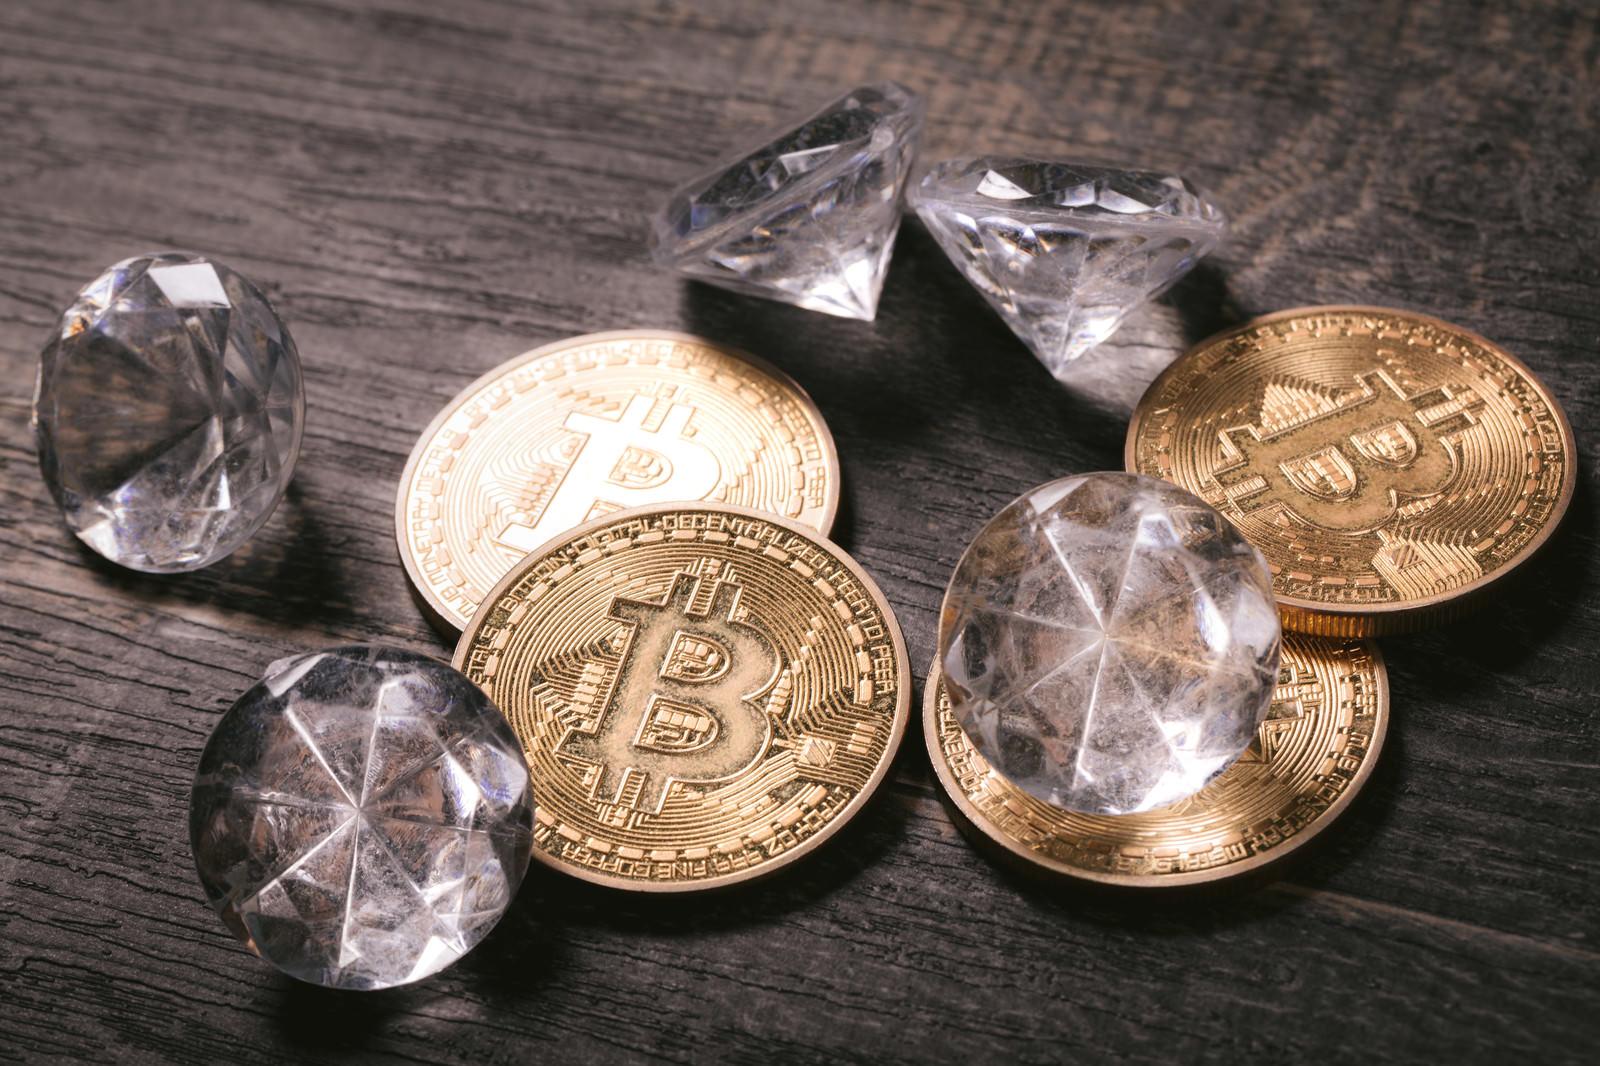 「ビットコインとダイヤモンド」の写真